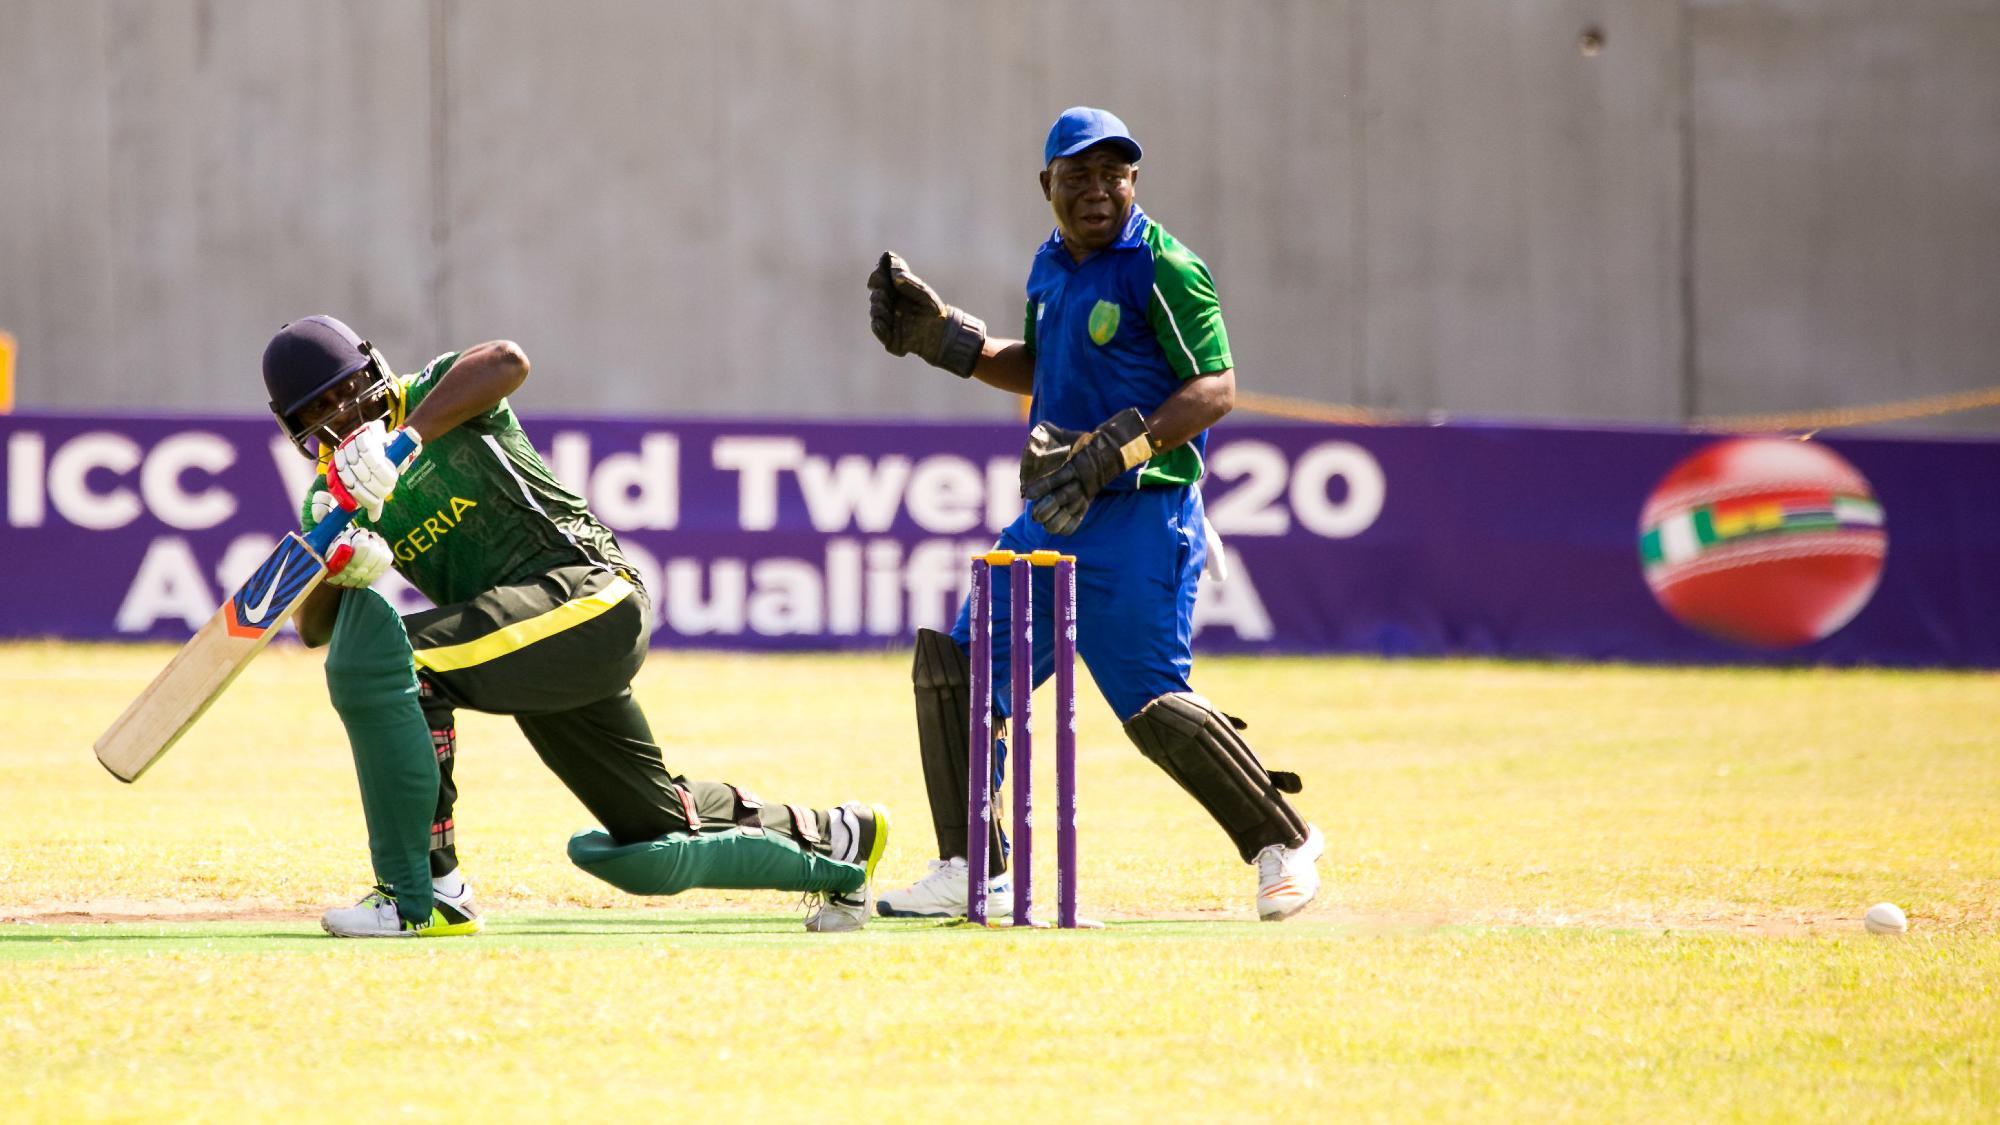 Dotun Olatunji of Nigeria tucks the ball into the leg-side